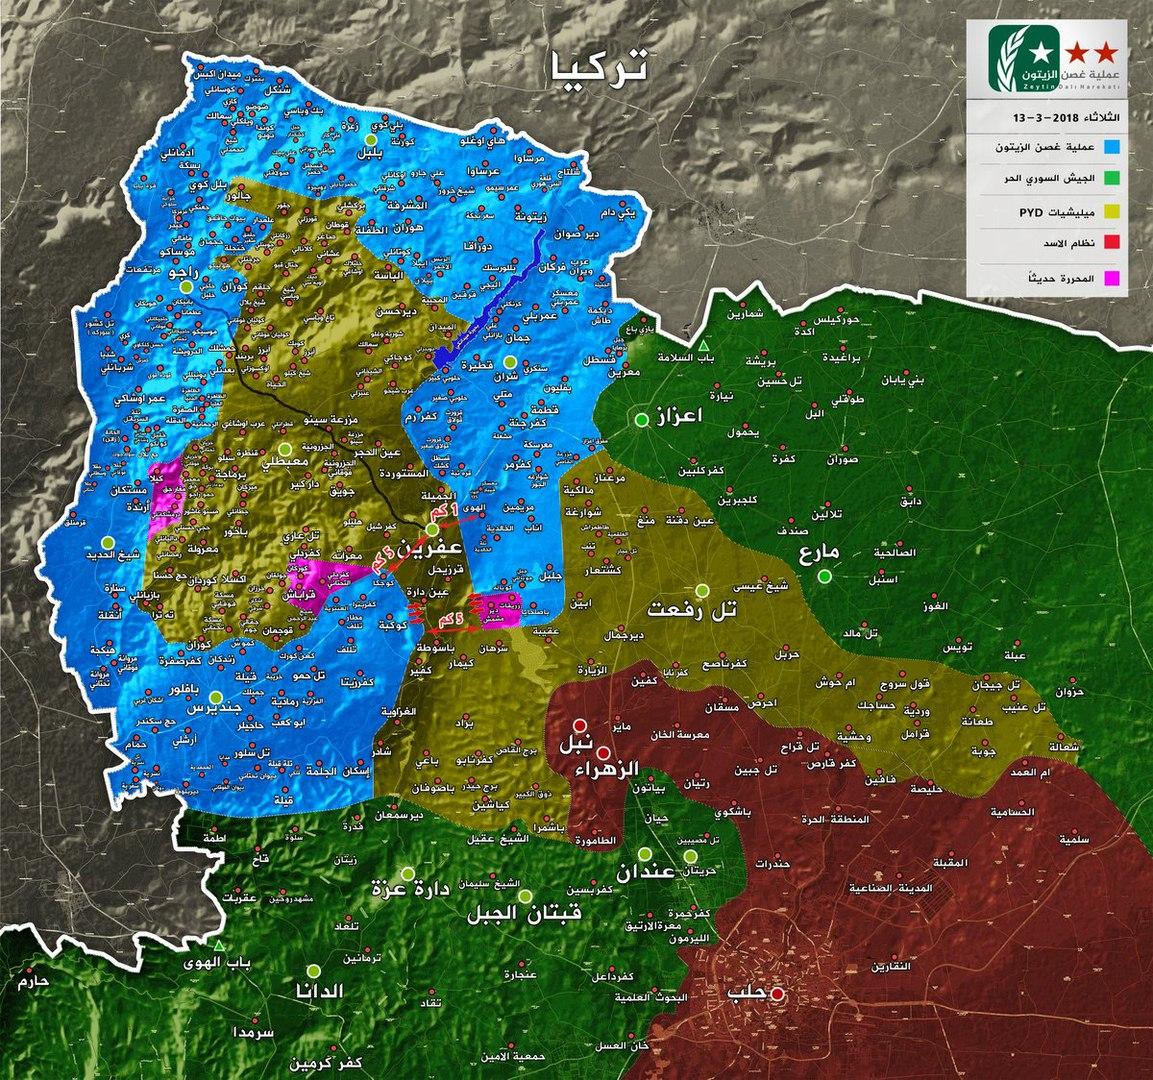 Сирия. Обстановка к 14 марта